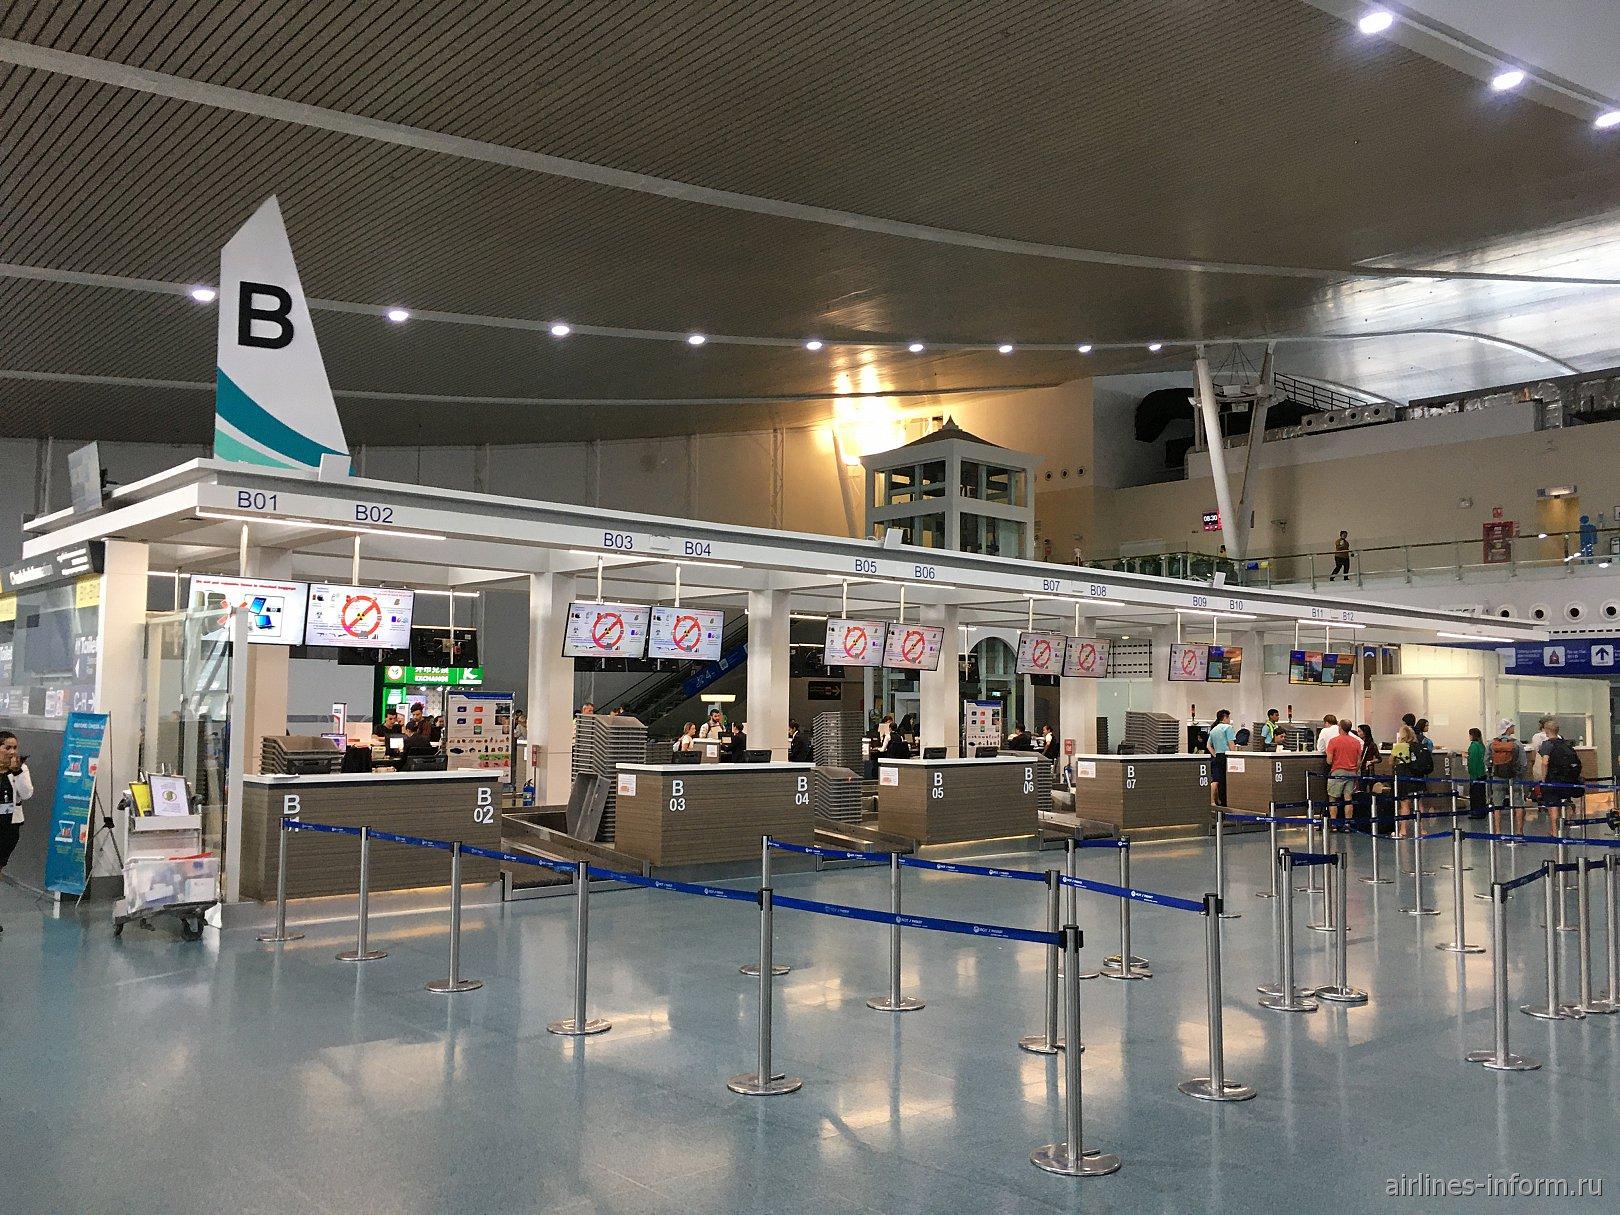 Стойки регистрации в аэропорту Пхукет